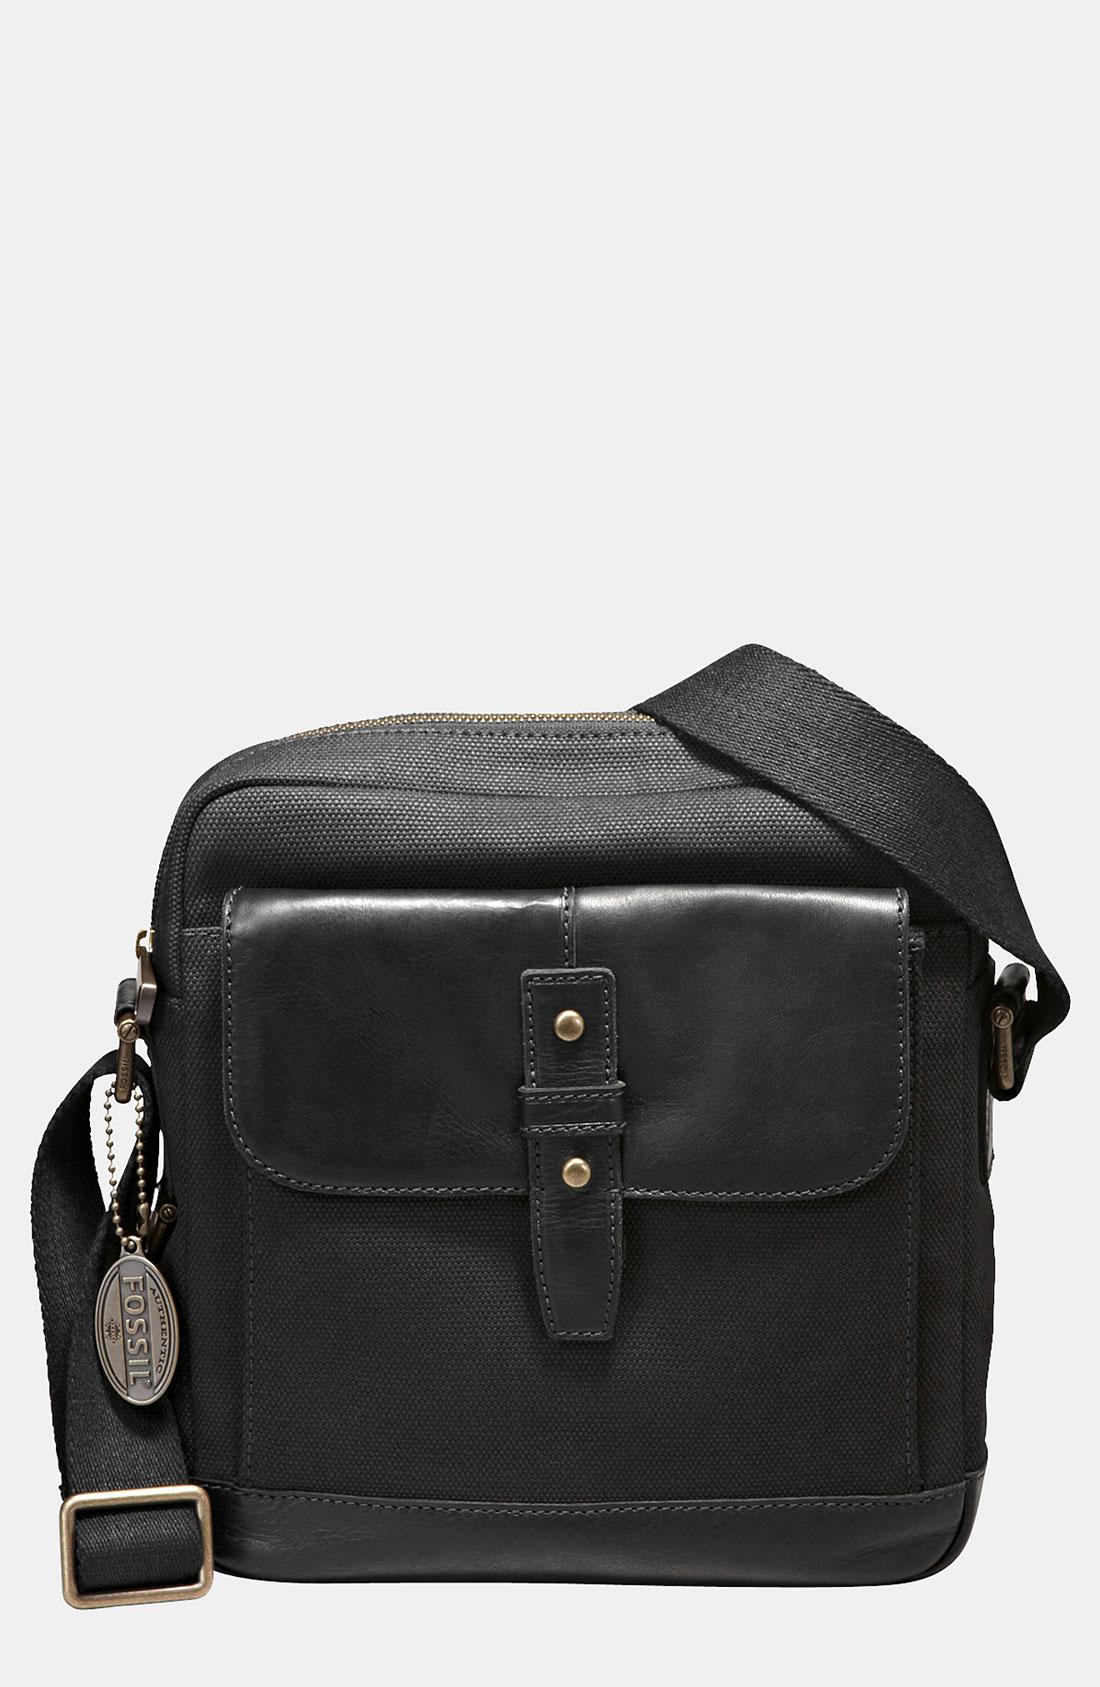 Fossil Dillon Crossbody Bag In Black For Men Lyst